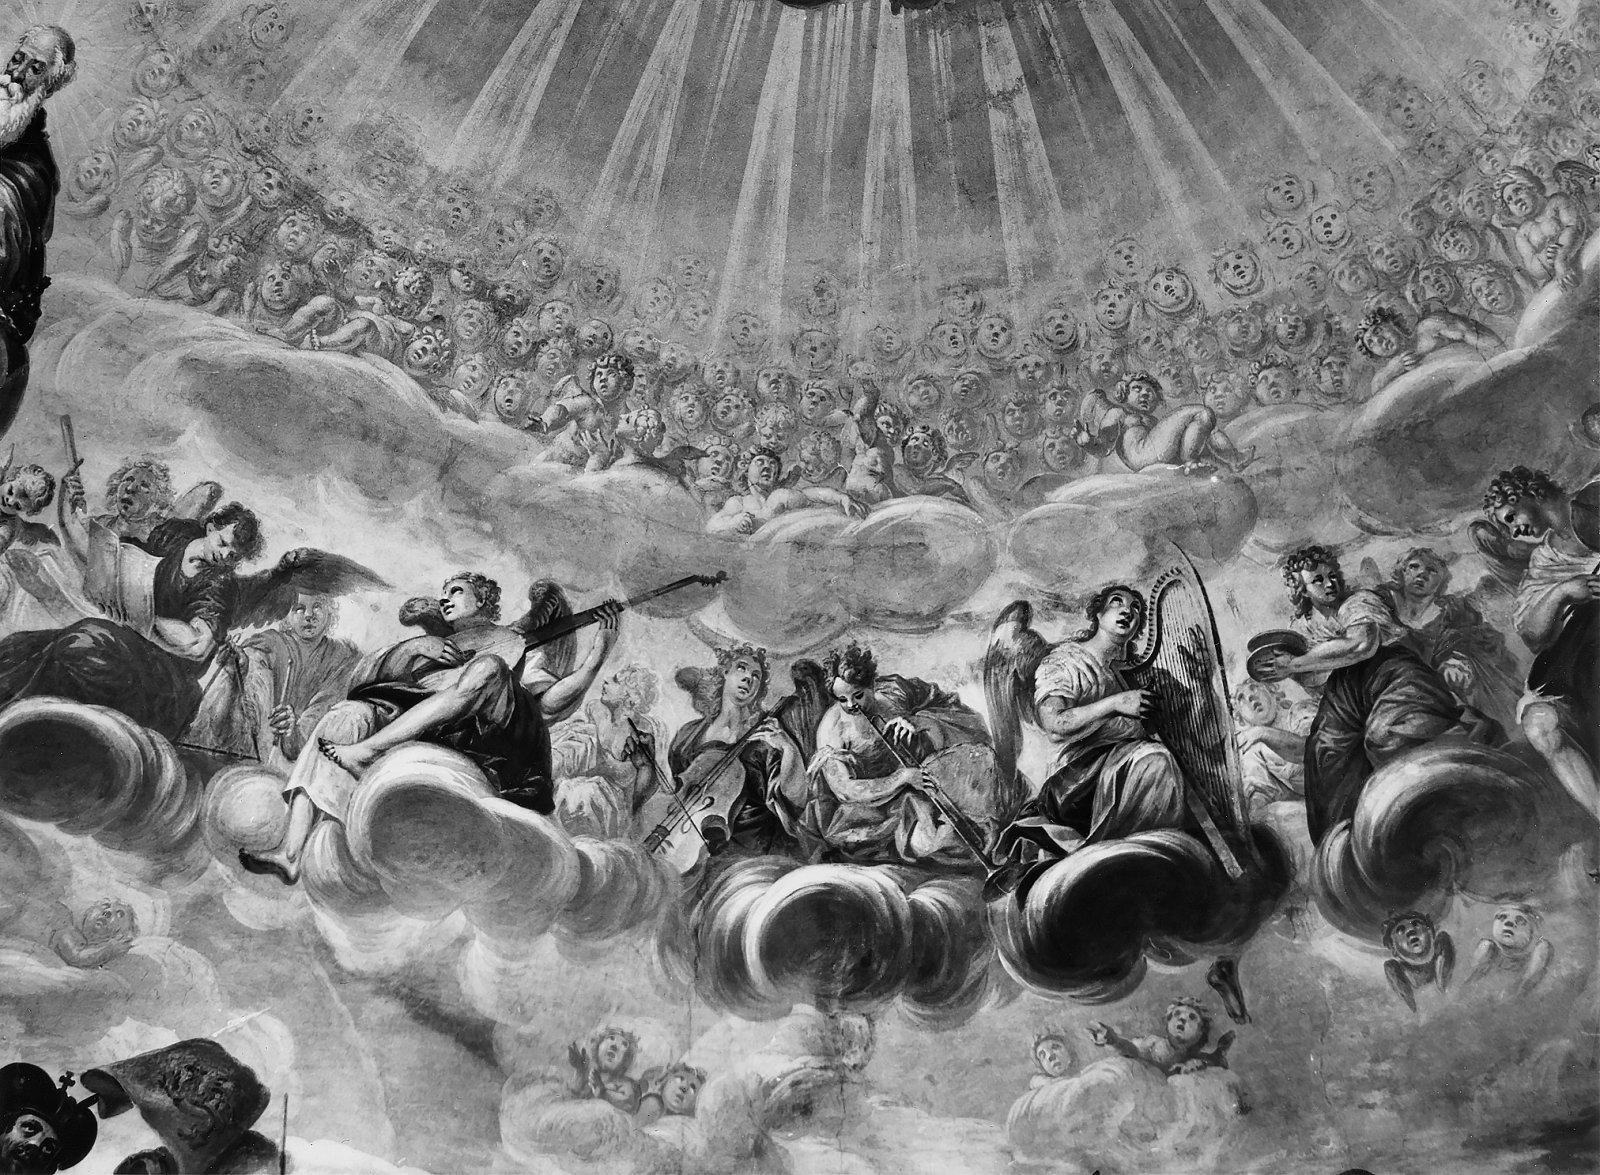 5 il. Muzikuojančiųjų angelų rato fragmentas. Fot. Jonas Šaparauskas. 1988 m.